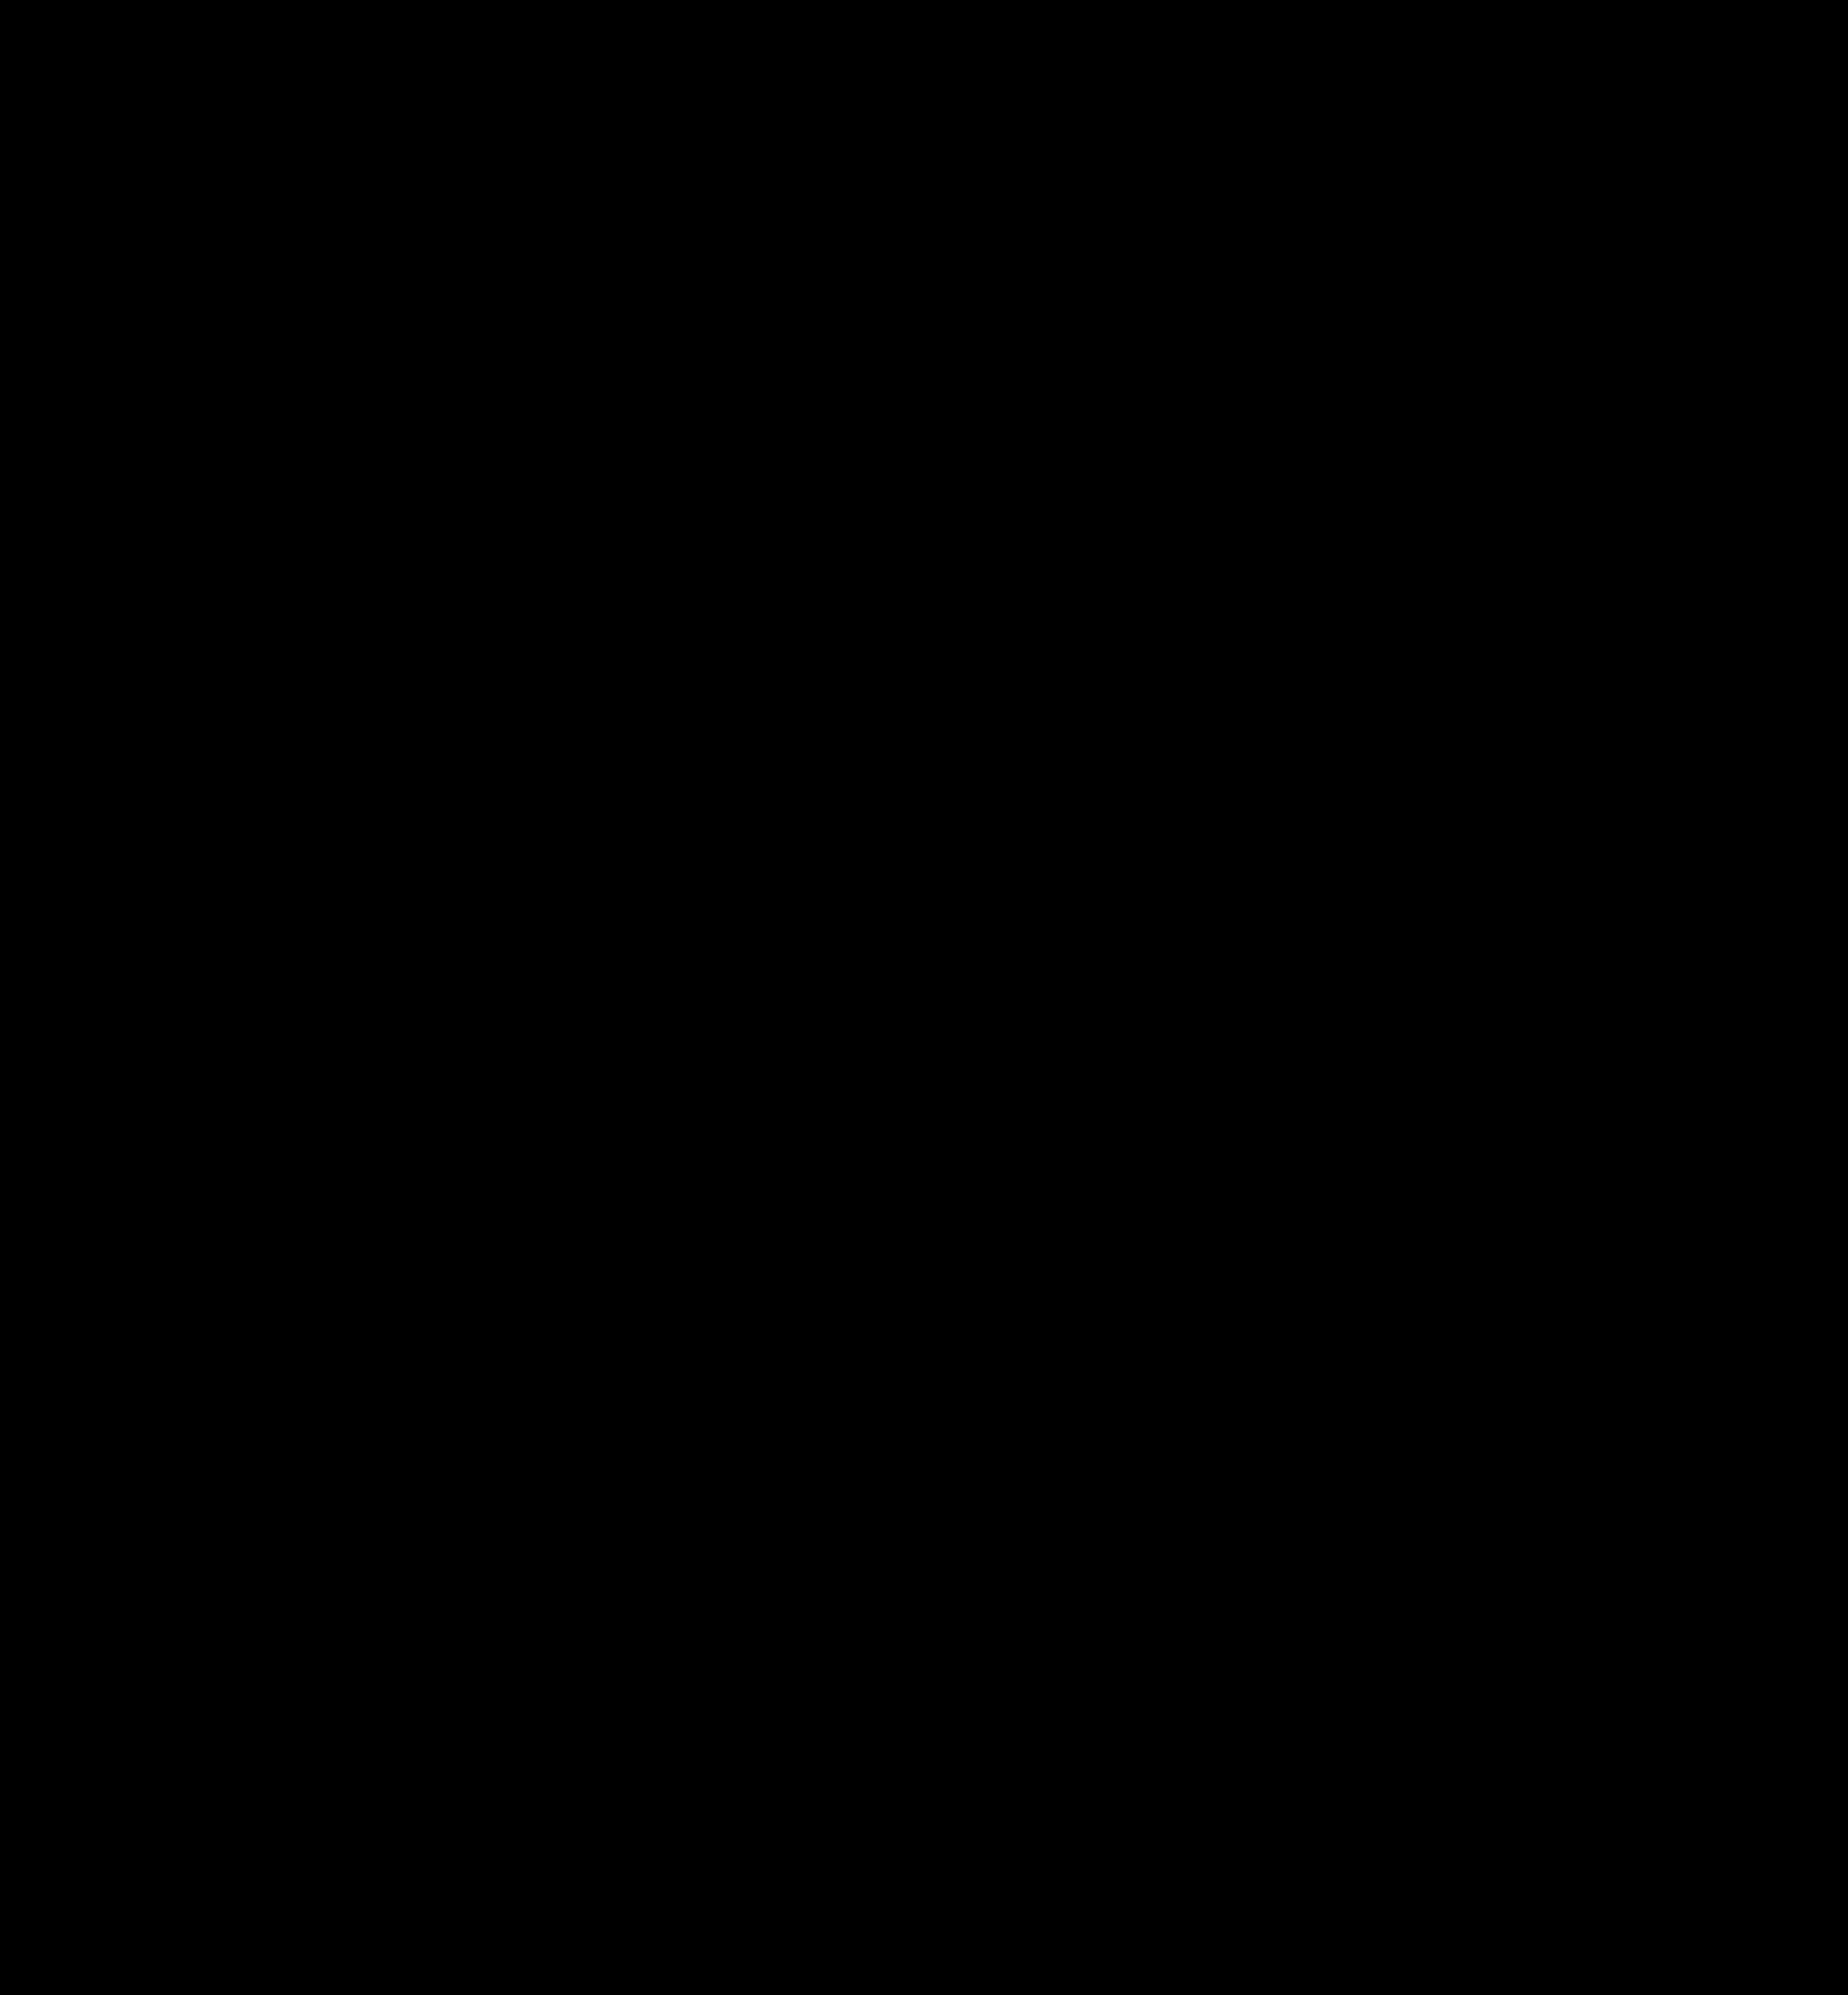 ARNOLDS PARK IN LIGHTS DESIGNER TOTE BAG